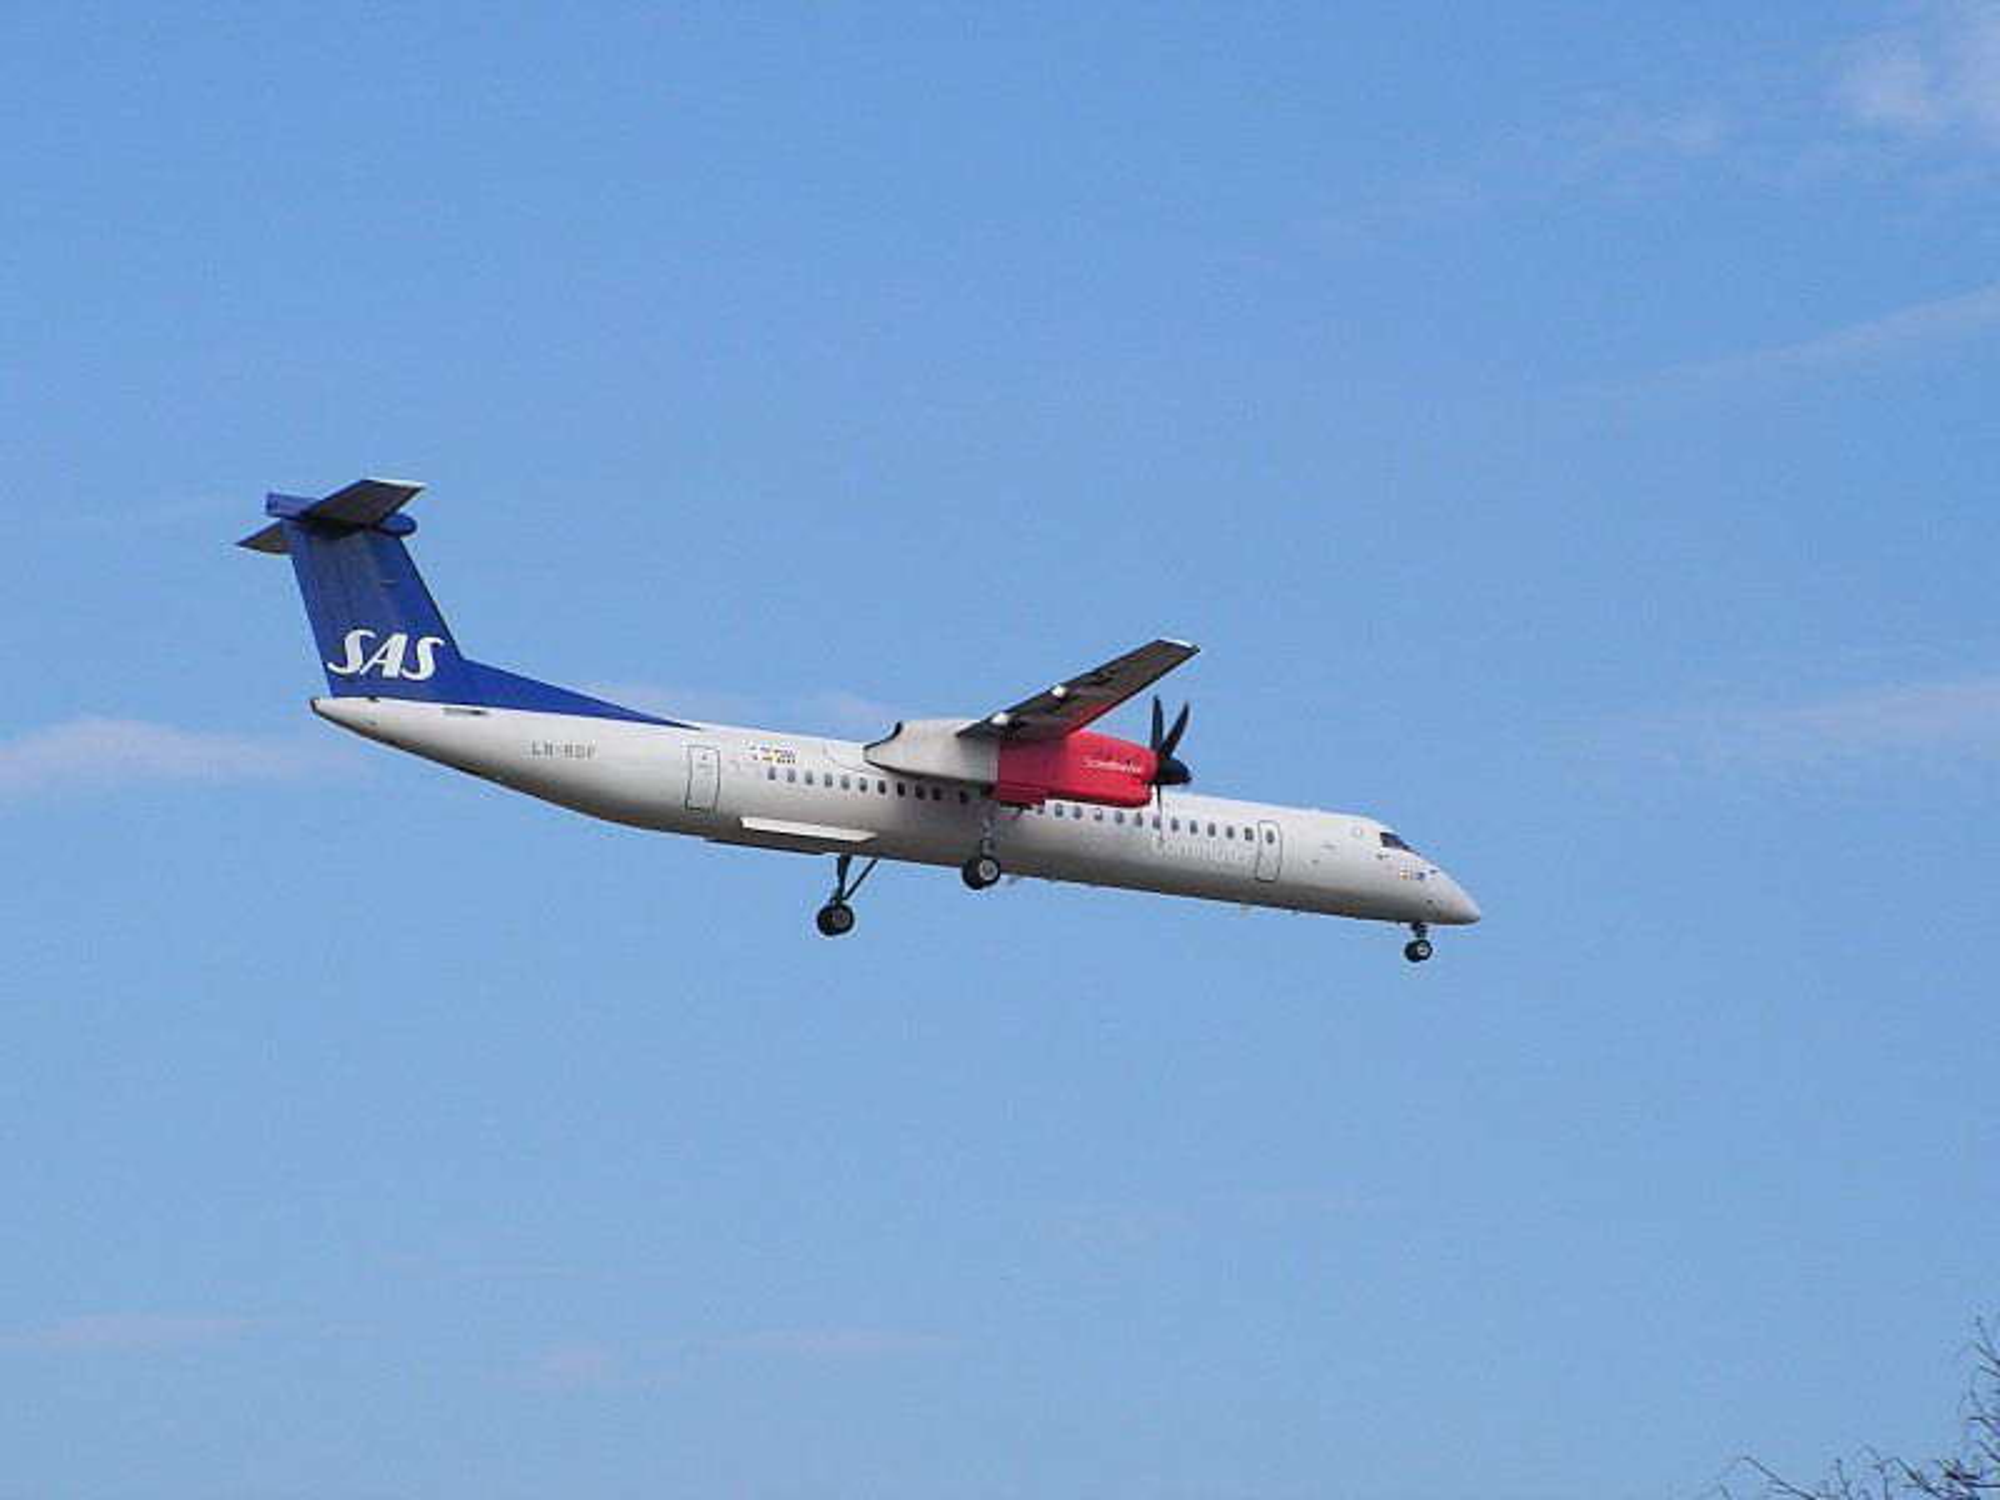 Et Dash 8-fly fra SAS måtte nødlande i Danmark etter feil med landingshjulene søndag. Mandag måtte to andre fly av samme type stoppes på grunn av tekniske problemer.